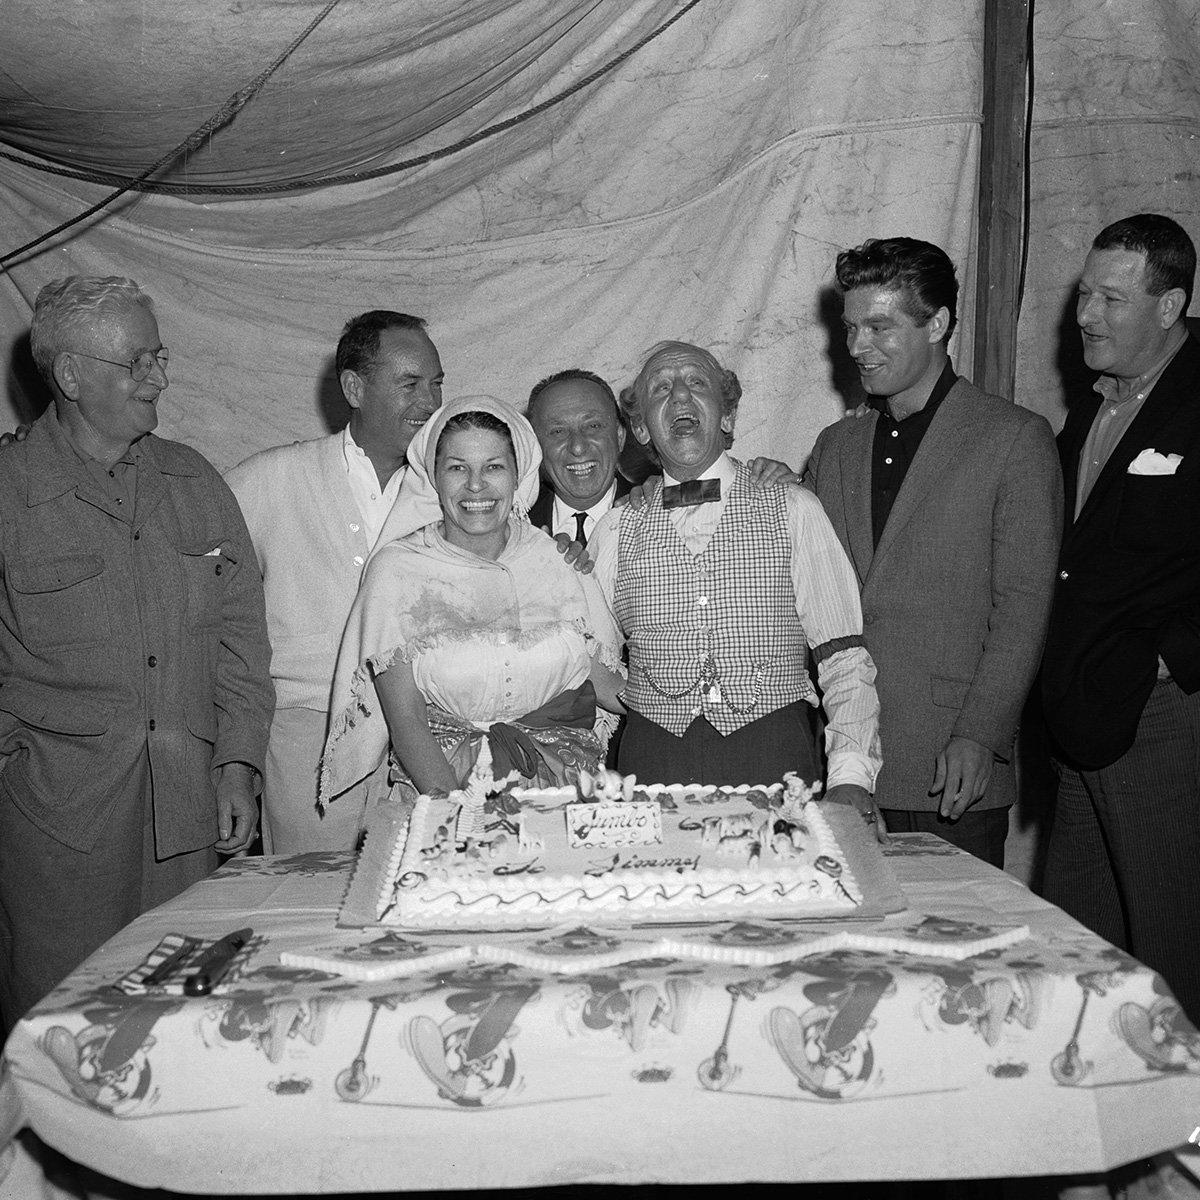 """TCM on Twitter: """"Charles Walters, Jimmy Durante, Joe Pasternak, Stephen  Boyd, Roger Edens, and Martha Raye on the set of BILLY ROSE'S JUMBO ('62)  #NationalCakeDay… https://t.co/QdVKmazVnJ"""""""